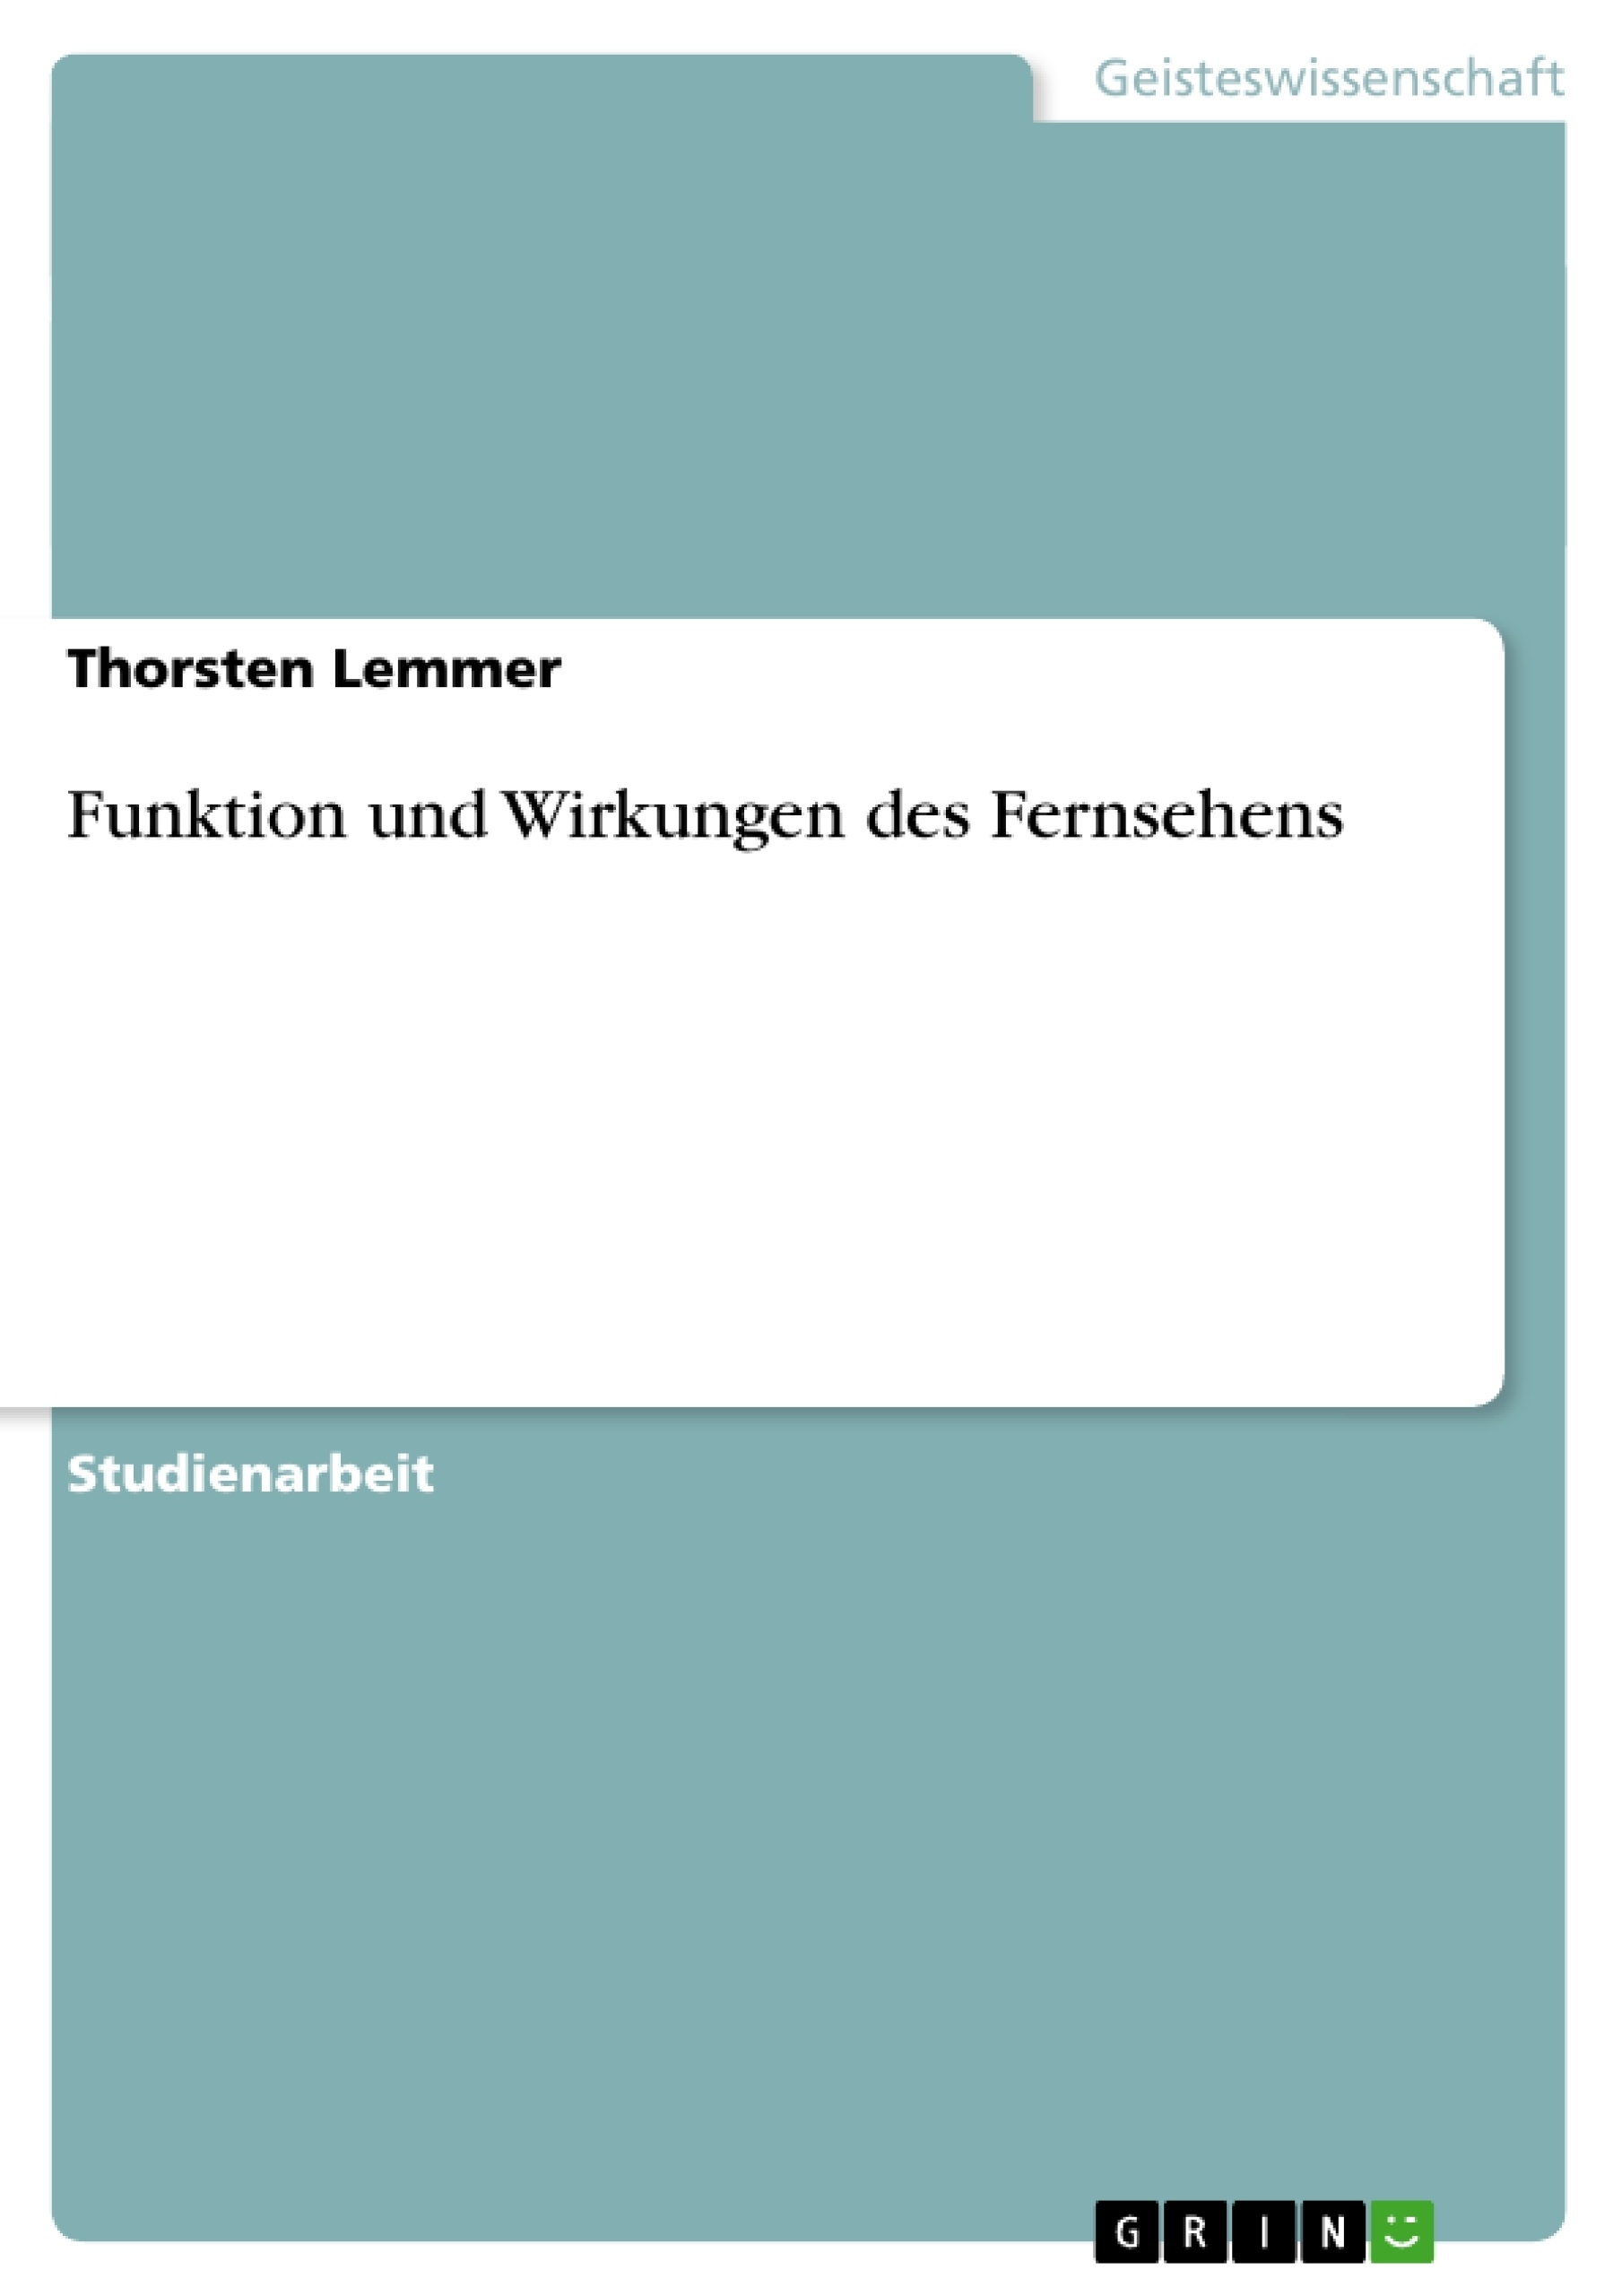 Titel: Funktion und Wirkungen des Fernsehens